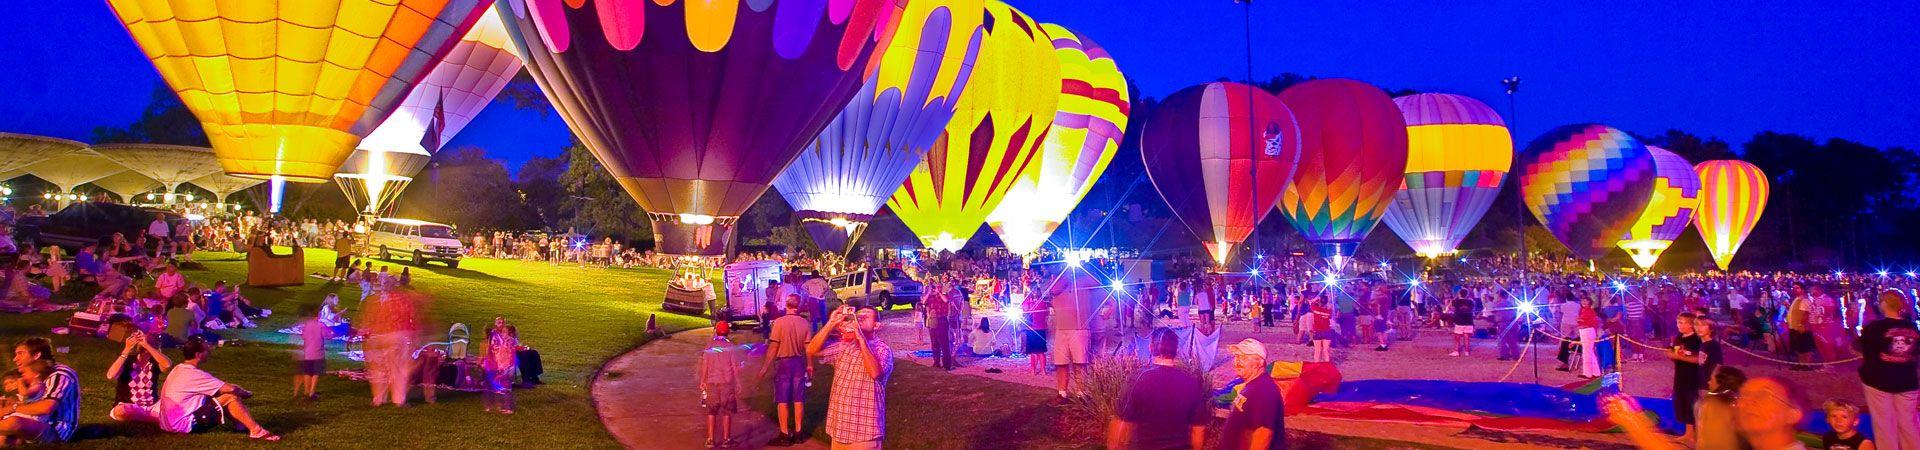 6d62a87ed542ac859febcdc4eeb56f28 - Sky High Hot Air Balloon Festival Callaway Gardens